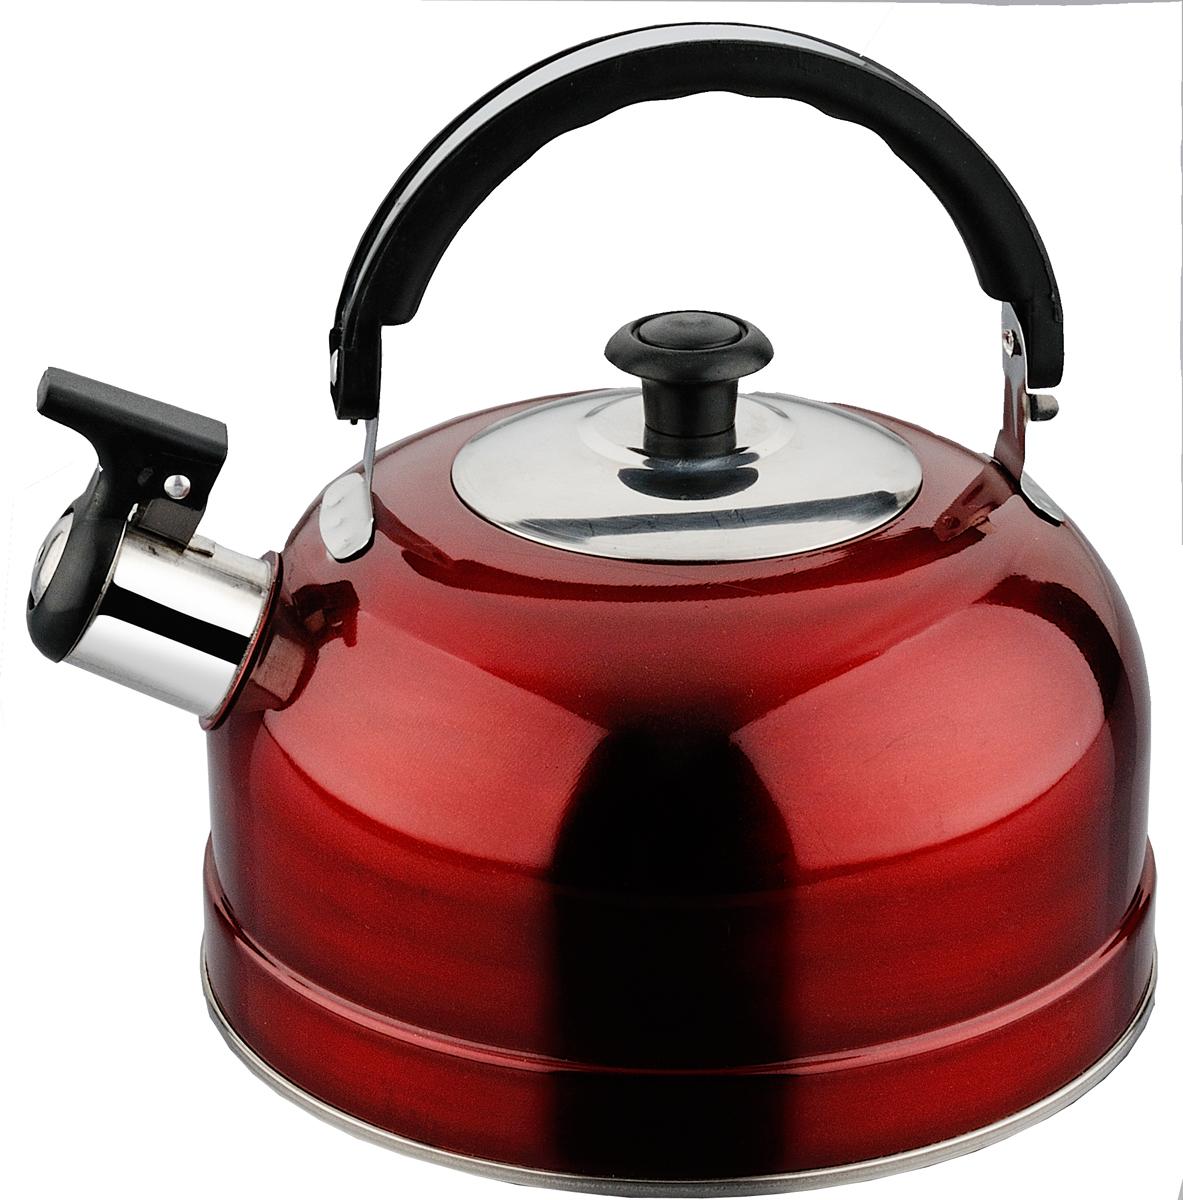 Чайник Irit, со свистком, цвет: красный, 2,5 лIRH-418 красныйЧайник из нержавеющей стали со свистком, объем 2,5 л. Изготовлен из высококачественной нержавеющей стали, однослойное дно. Подвижная ручка из термостойкого пластика. Ручка не нагревается.